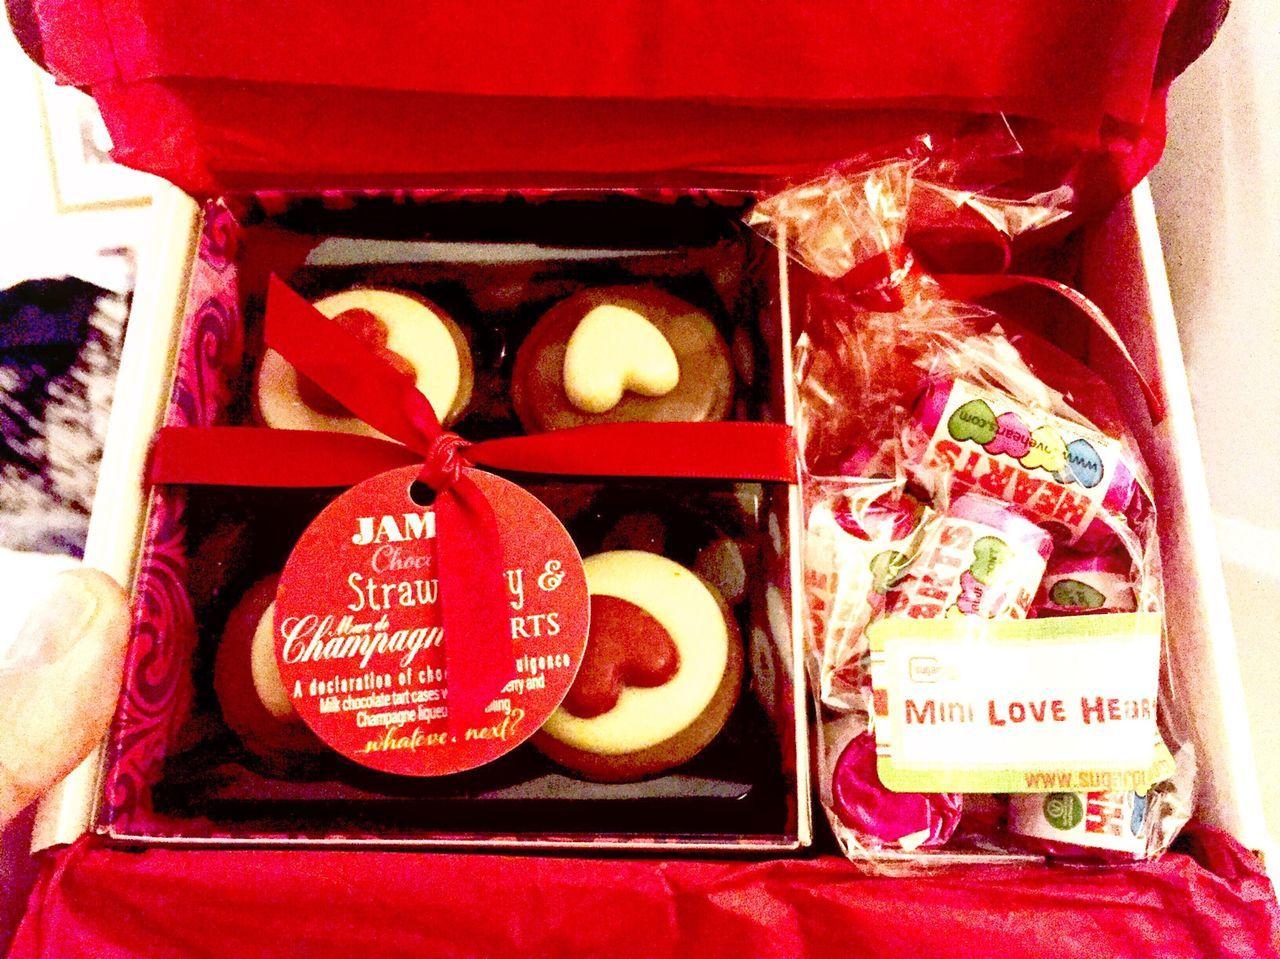 Valentine's gift box from Sugar Poke with chocolates and love hearts Sugar Poke Uk United Kingdom Northamptonshire Northampton Uk SugarPoke www.SuperPoke.com Gifts Gift Boxes Box Chocolates Strawberries Strawberry Sweets Swizzels Love Hearts